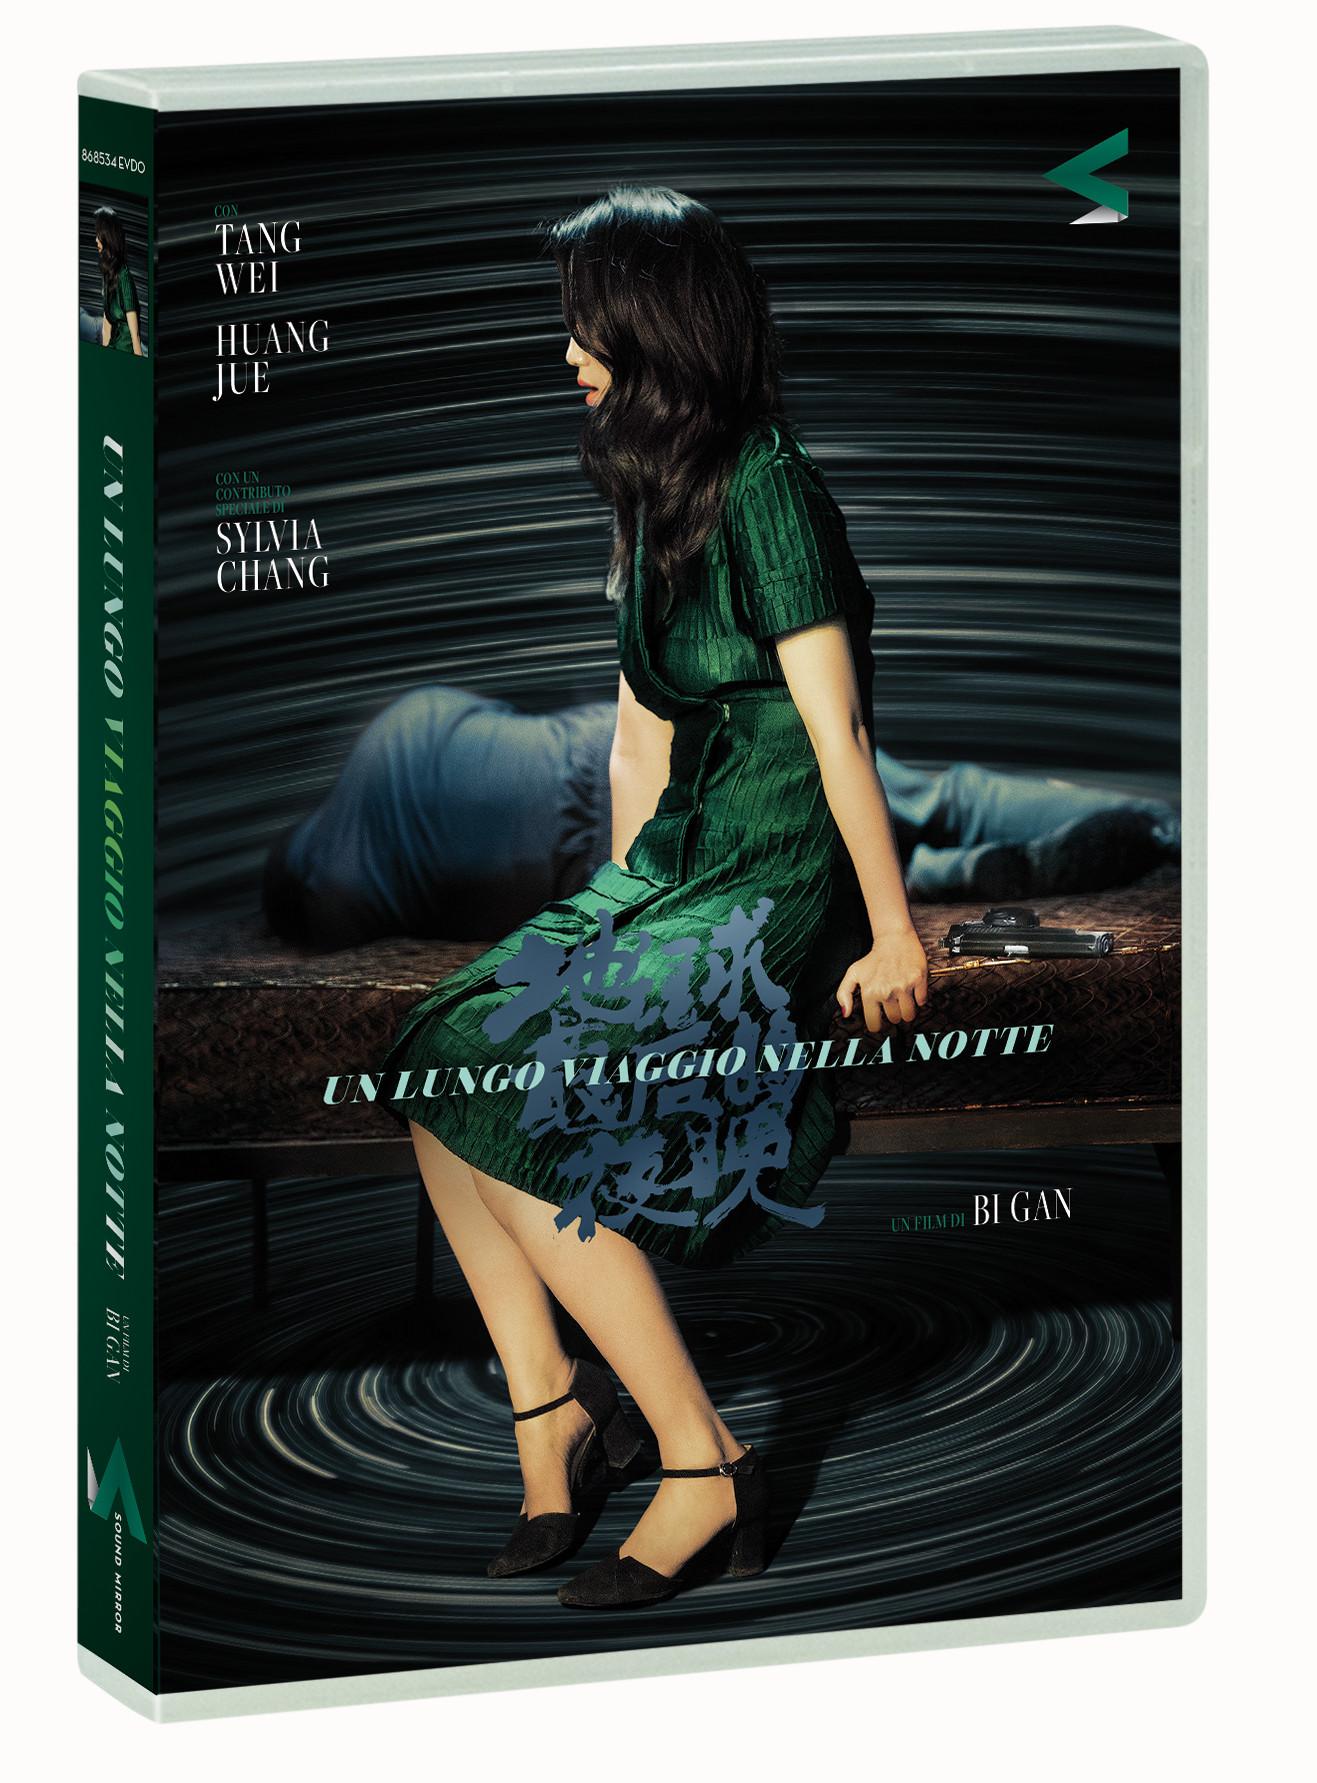 UN LUNGO VIAGGIO NELLA NOTTE (DVD)